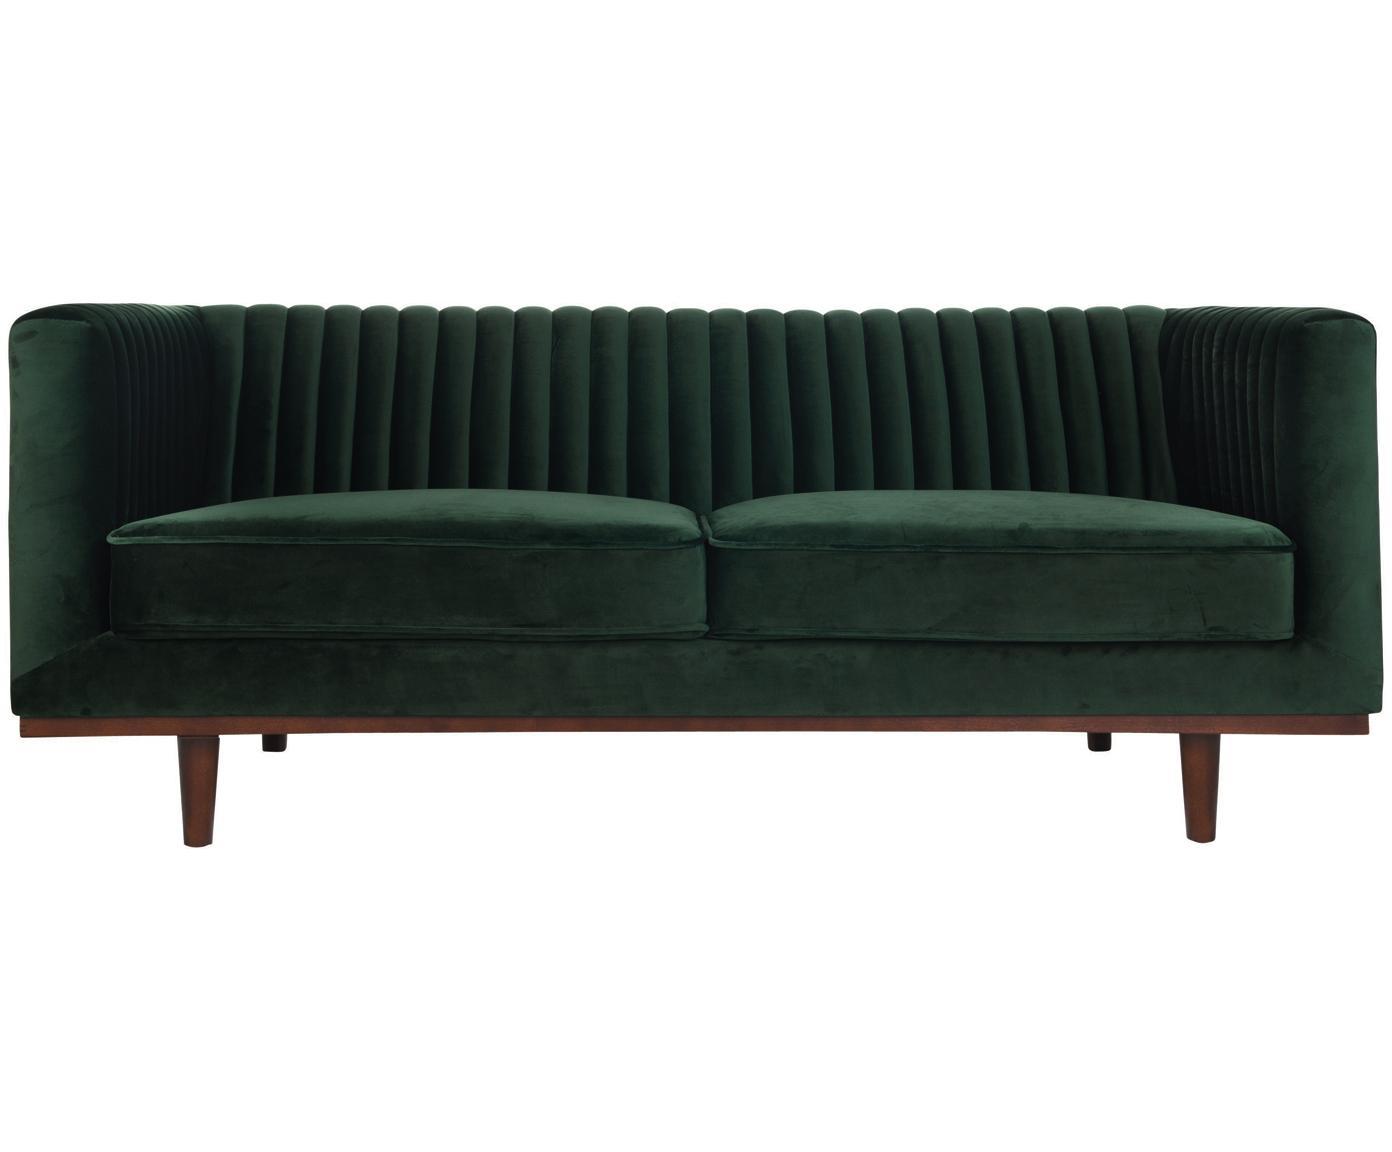 Sofa z aksamitu Dante (2-osobowa), Tapicerka: aksamit poliestrowy, Stelaż: drewno kauczukowe lakiero, Tapicerka: pianka poliuretanowa, Zielony, S 174 x G 87 cm